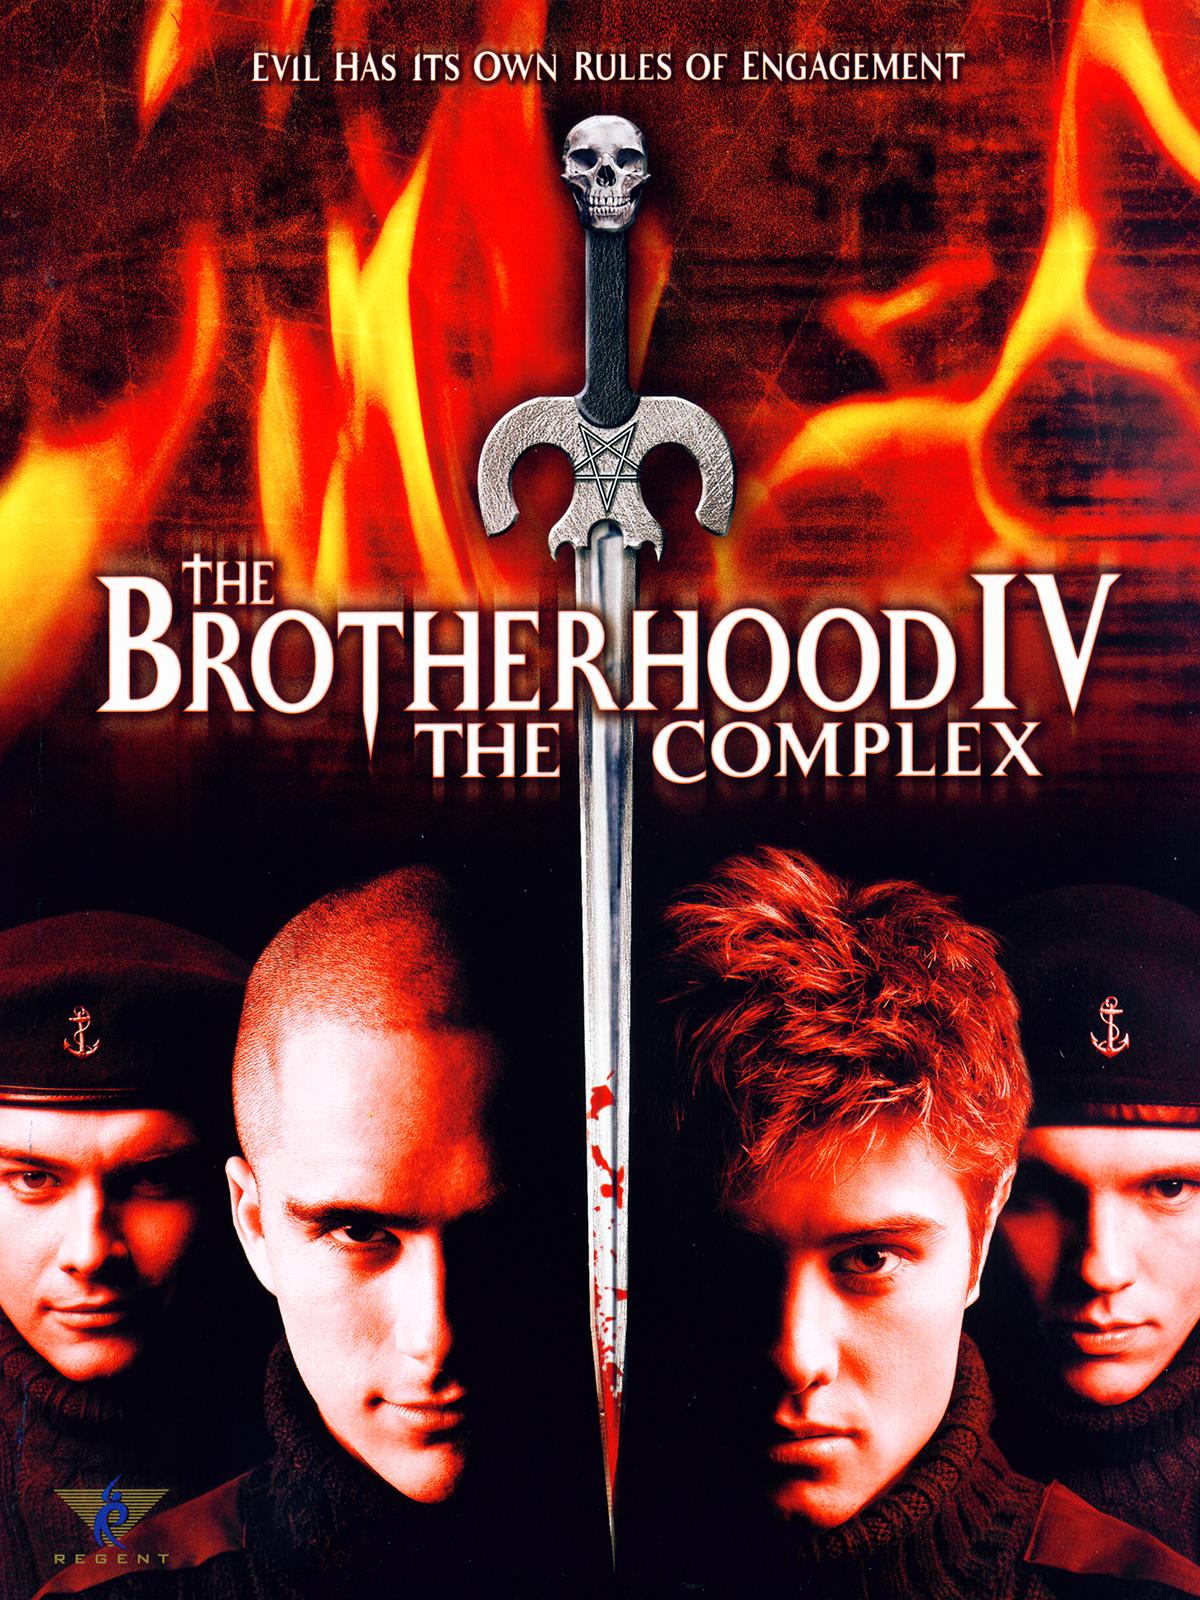 Here-Brotherhood4-Full-Image-en-US.jpg